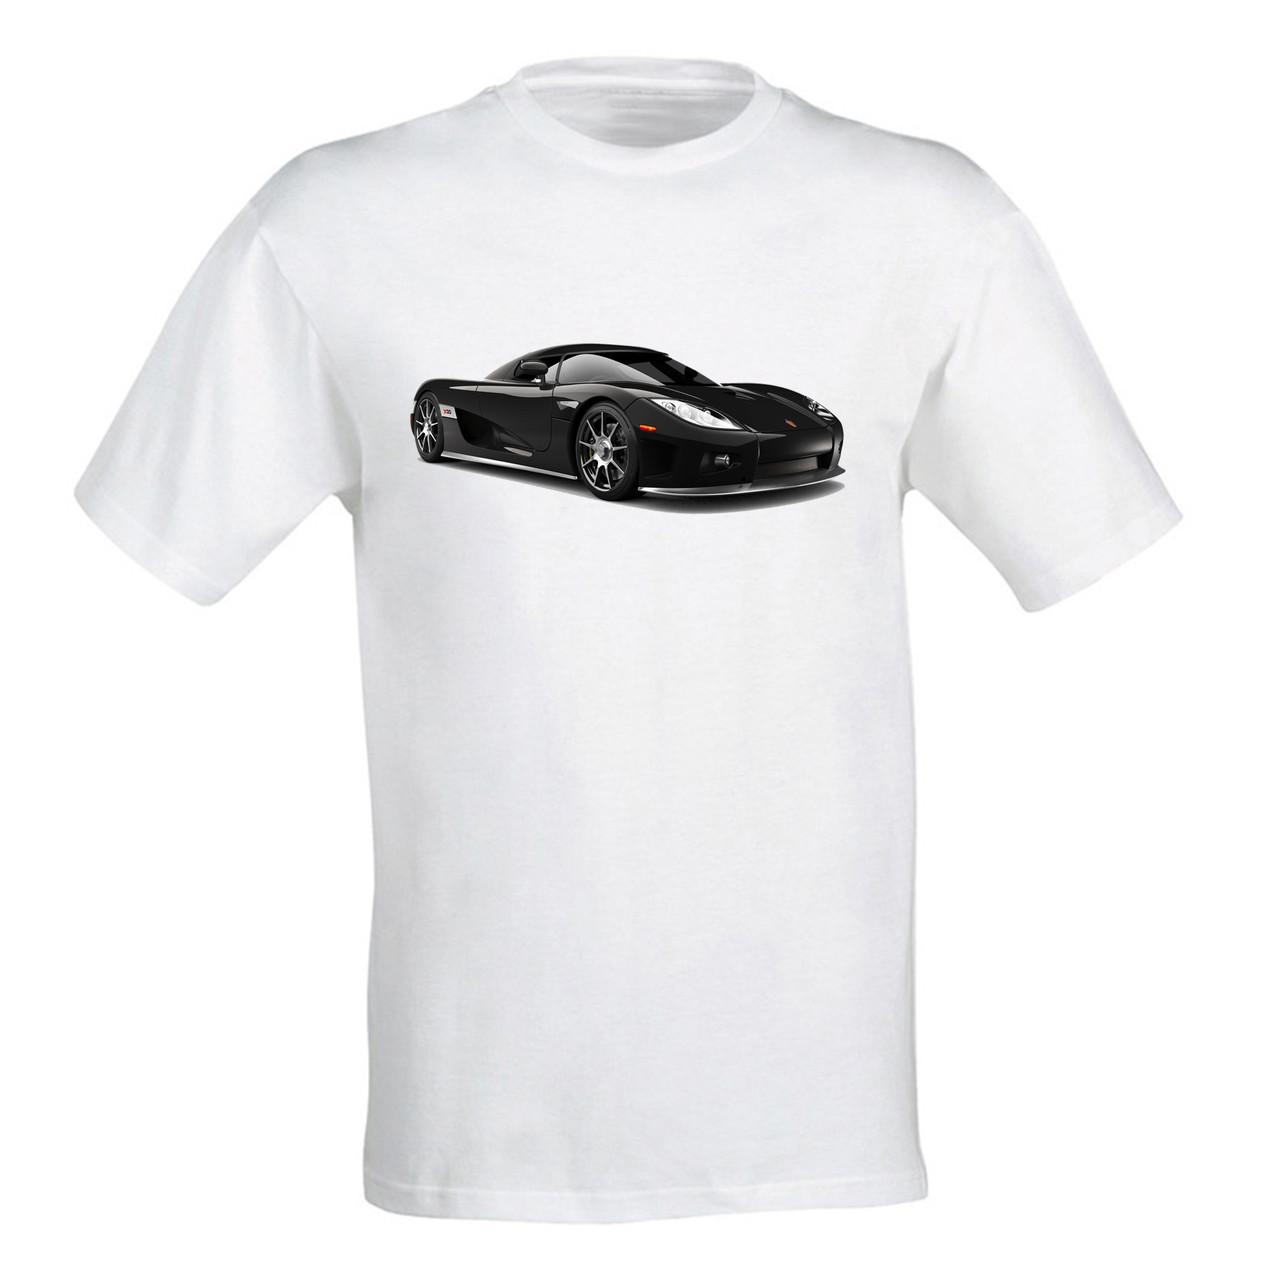 """Мужская футболка с принтом """"Koenigsegg CCXR Trevita"""" Push IT"""